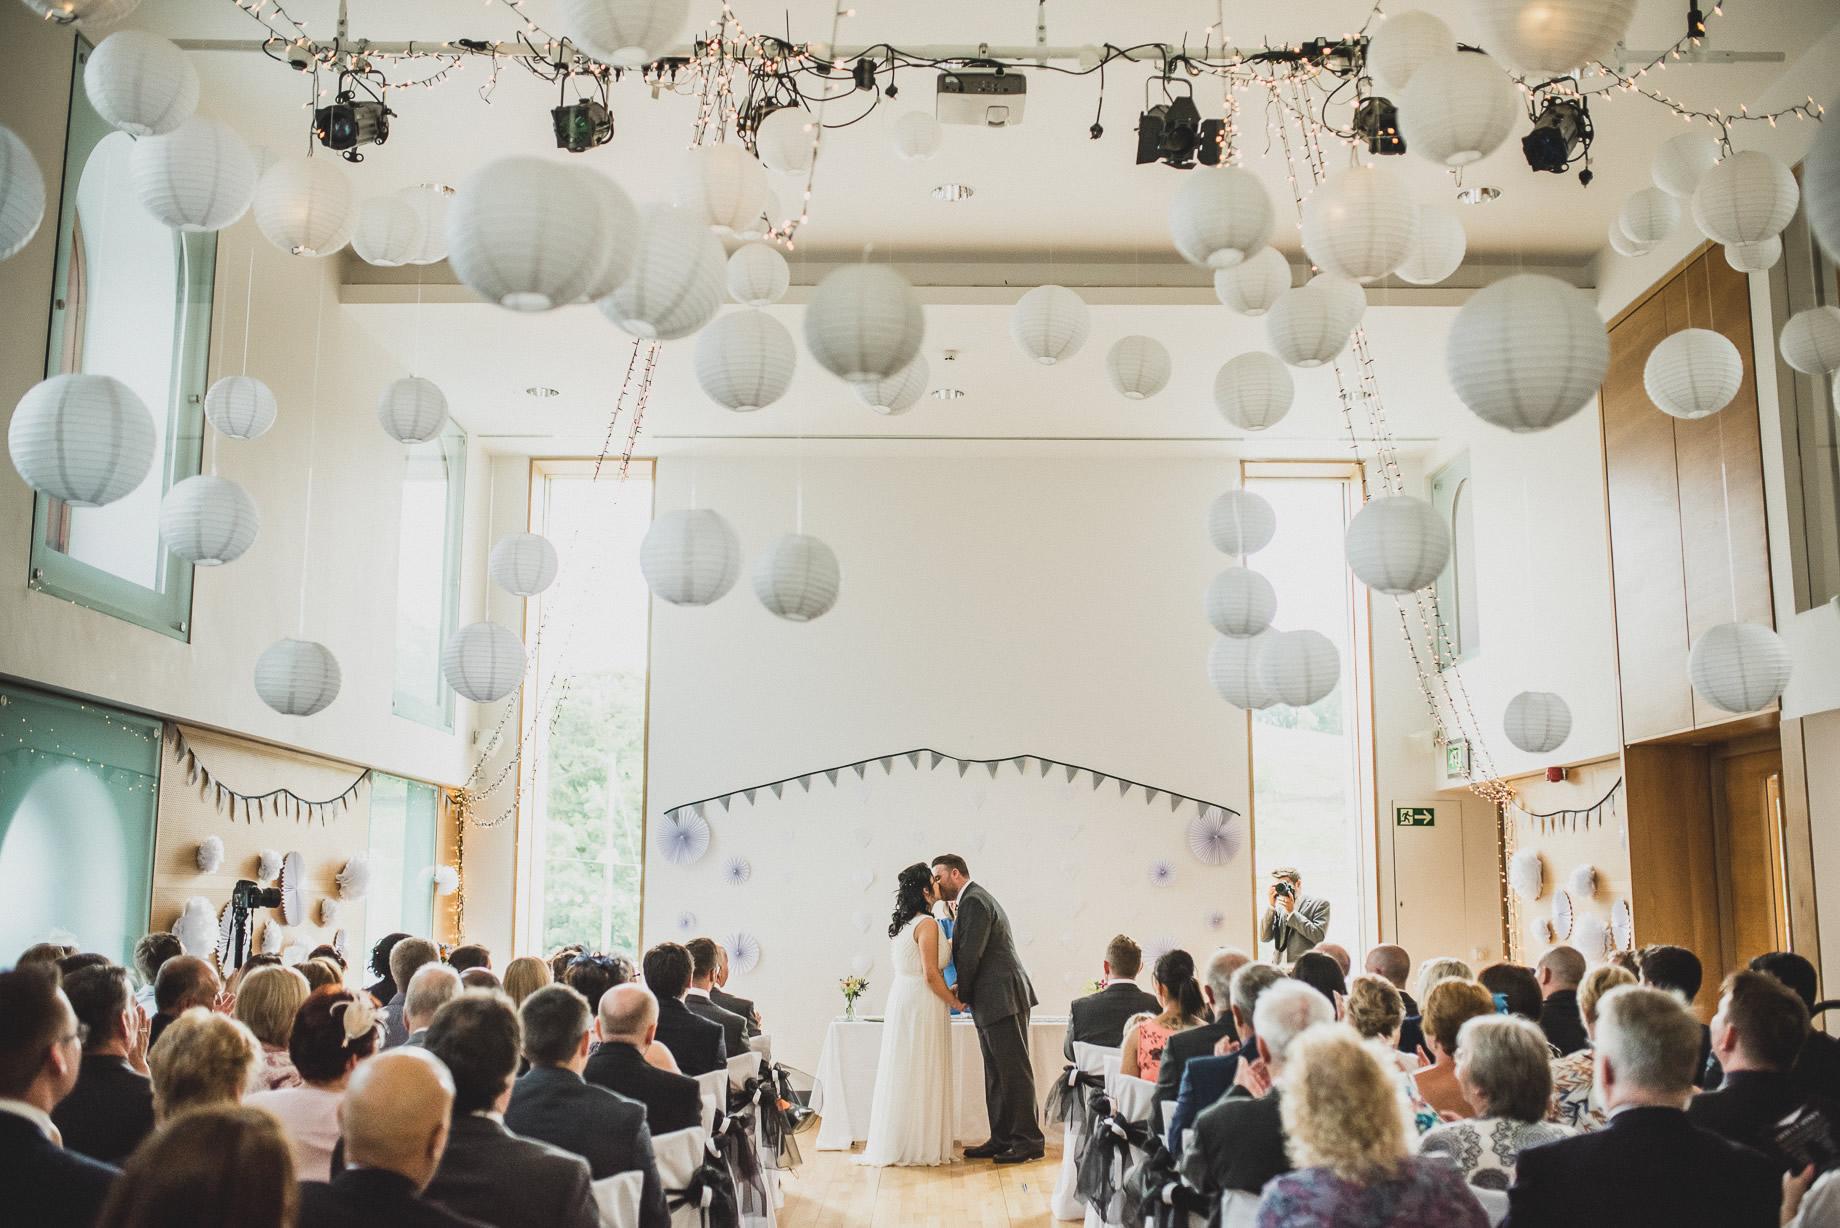 Becky and John's Wedding at Slaidburn Village Hall 087